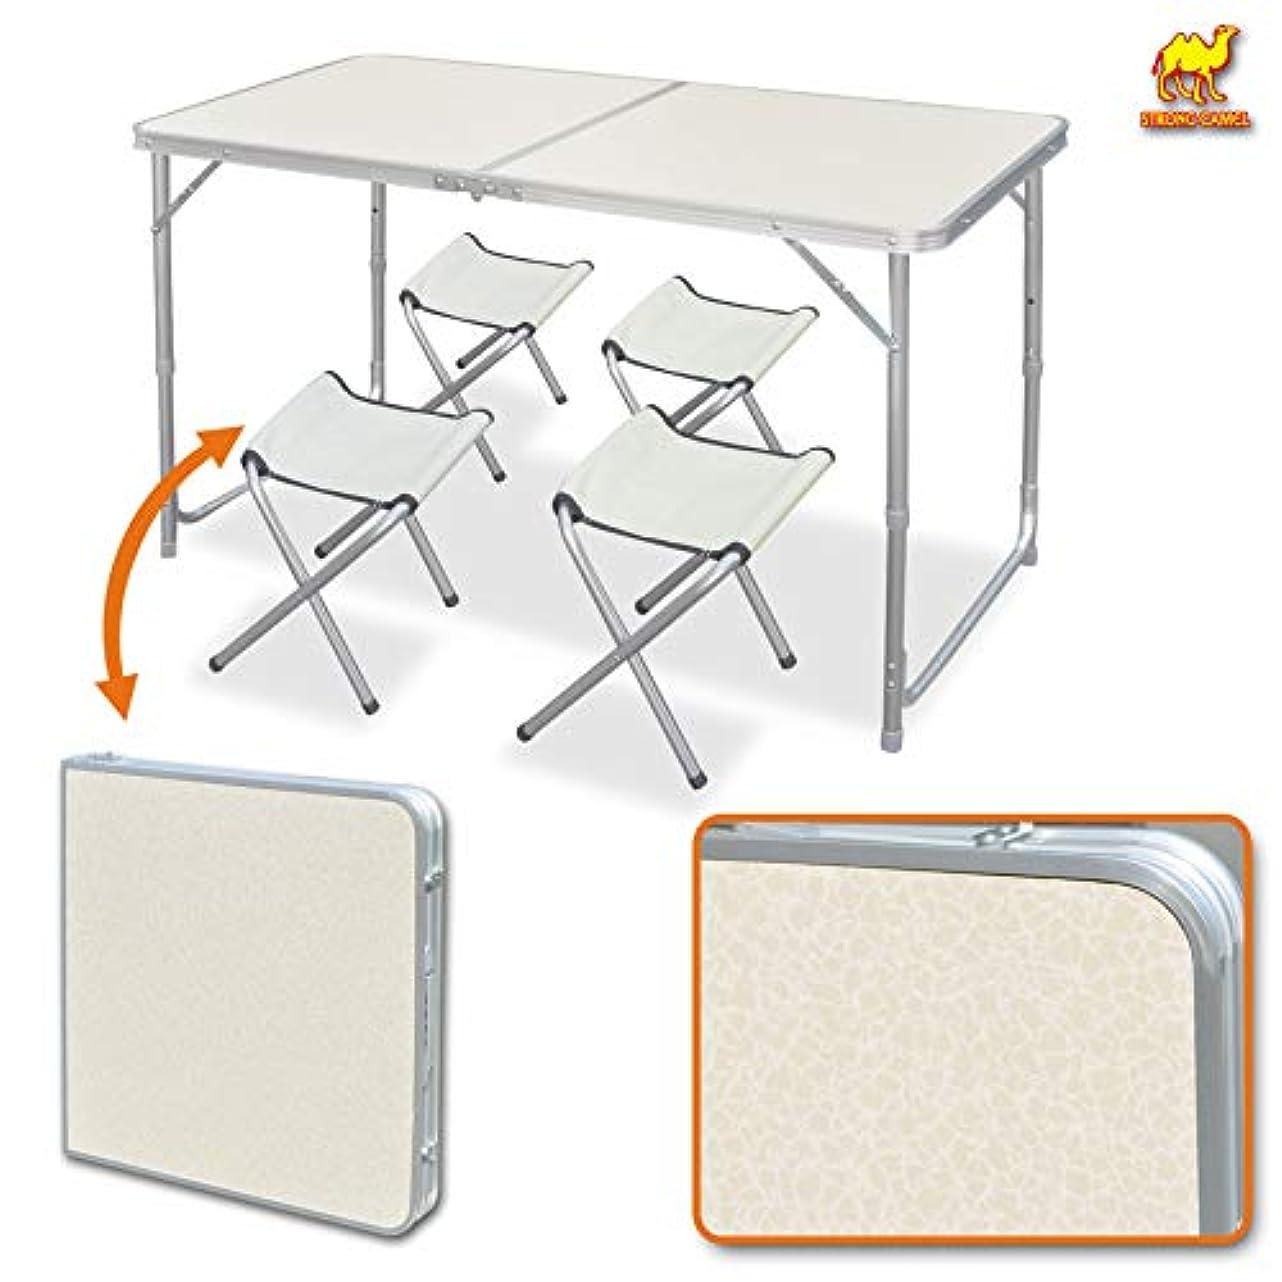 邪魔する線形ポーズStrong Camel 折りたたみピクニックテーブル 調節可能なテーブル 4脚付き 屋内/屋外用 BBQ キャンプ ピクニック パーティー ダイニング ホワイト